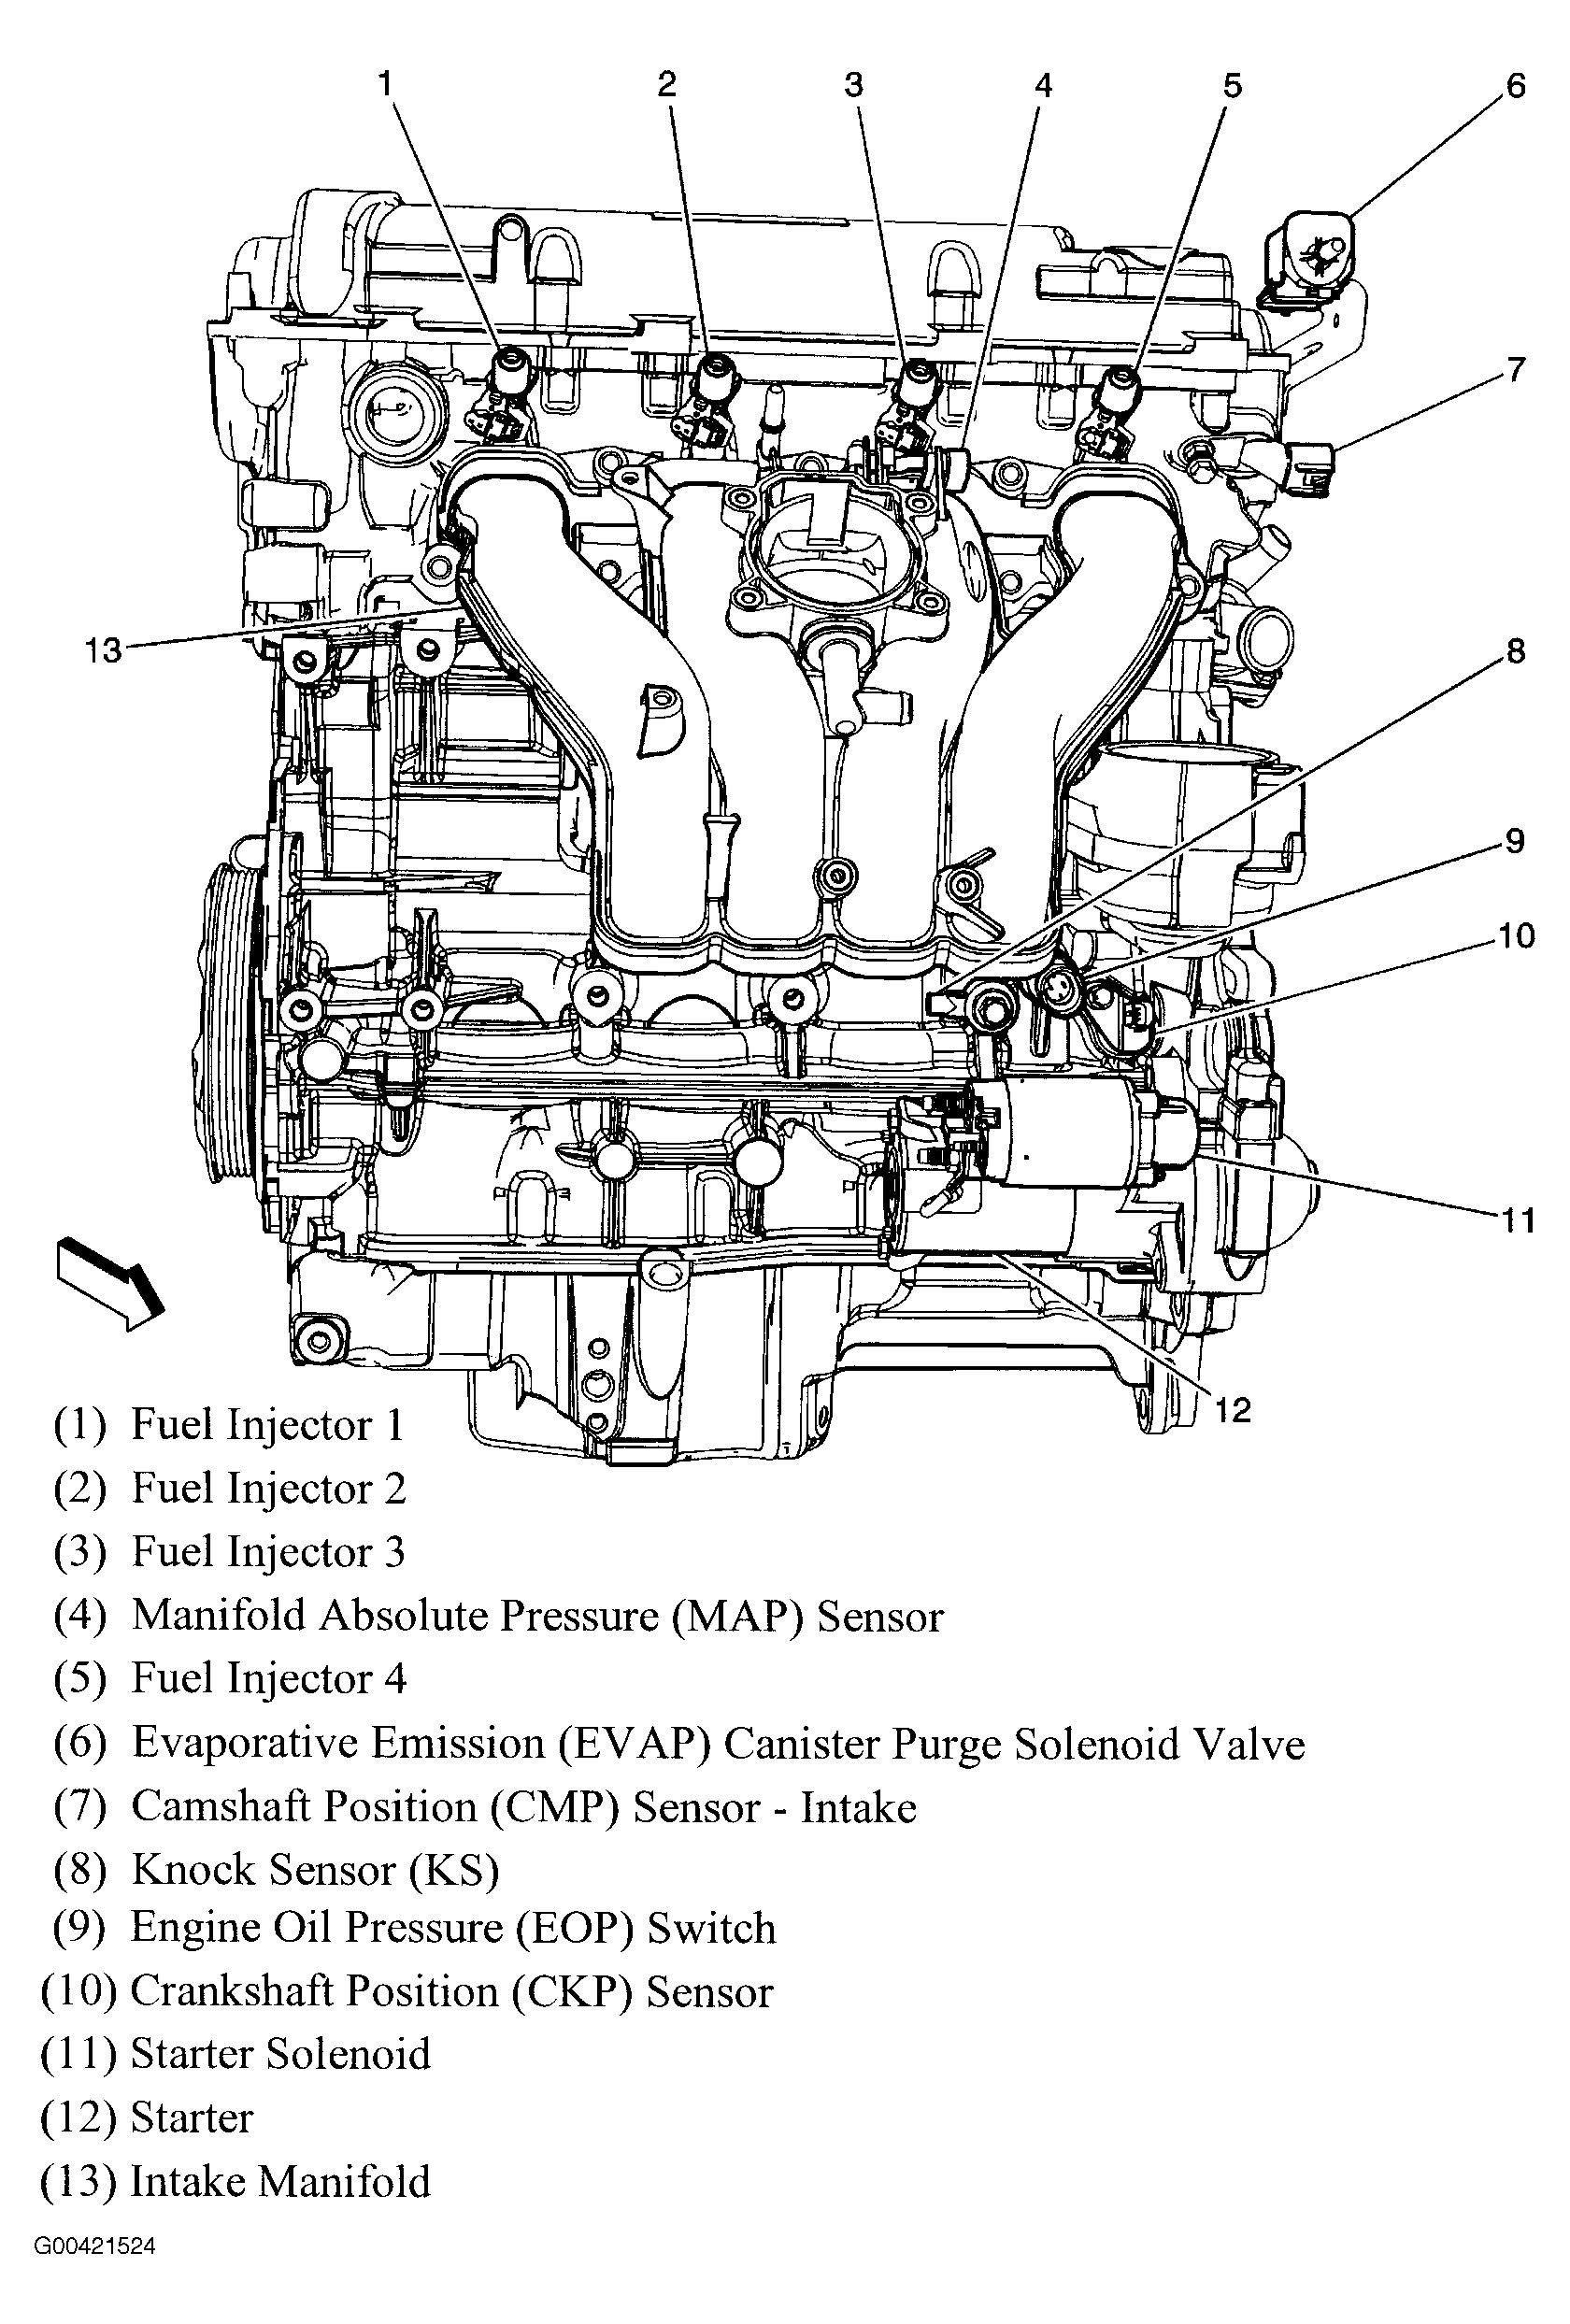 [DIAGRAM] 2010 Aveo Engine Diagram